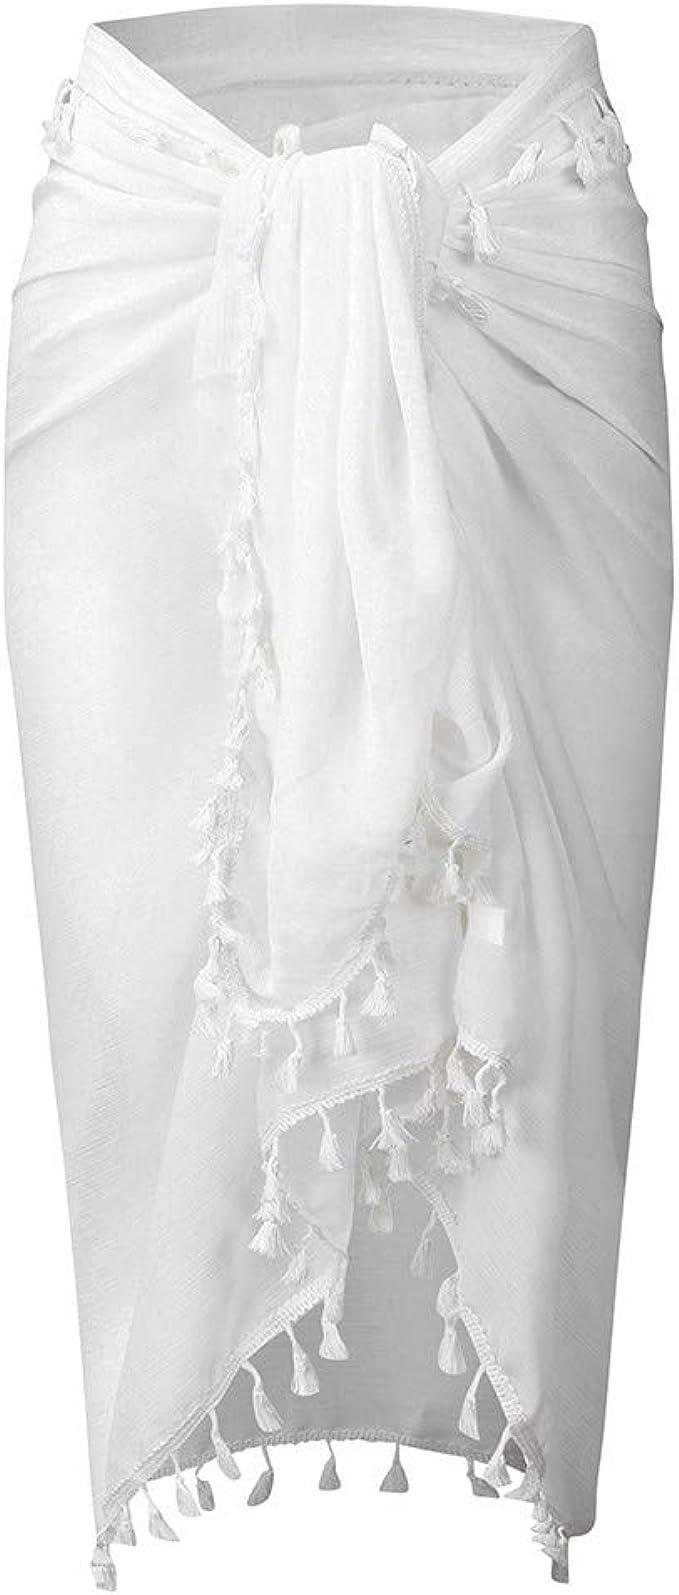 Tyeel - Falda Corta para Mujer, pantalón Corto y con diseño de ...